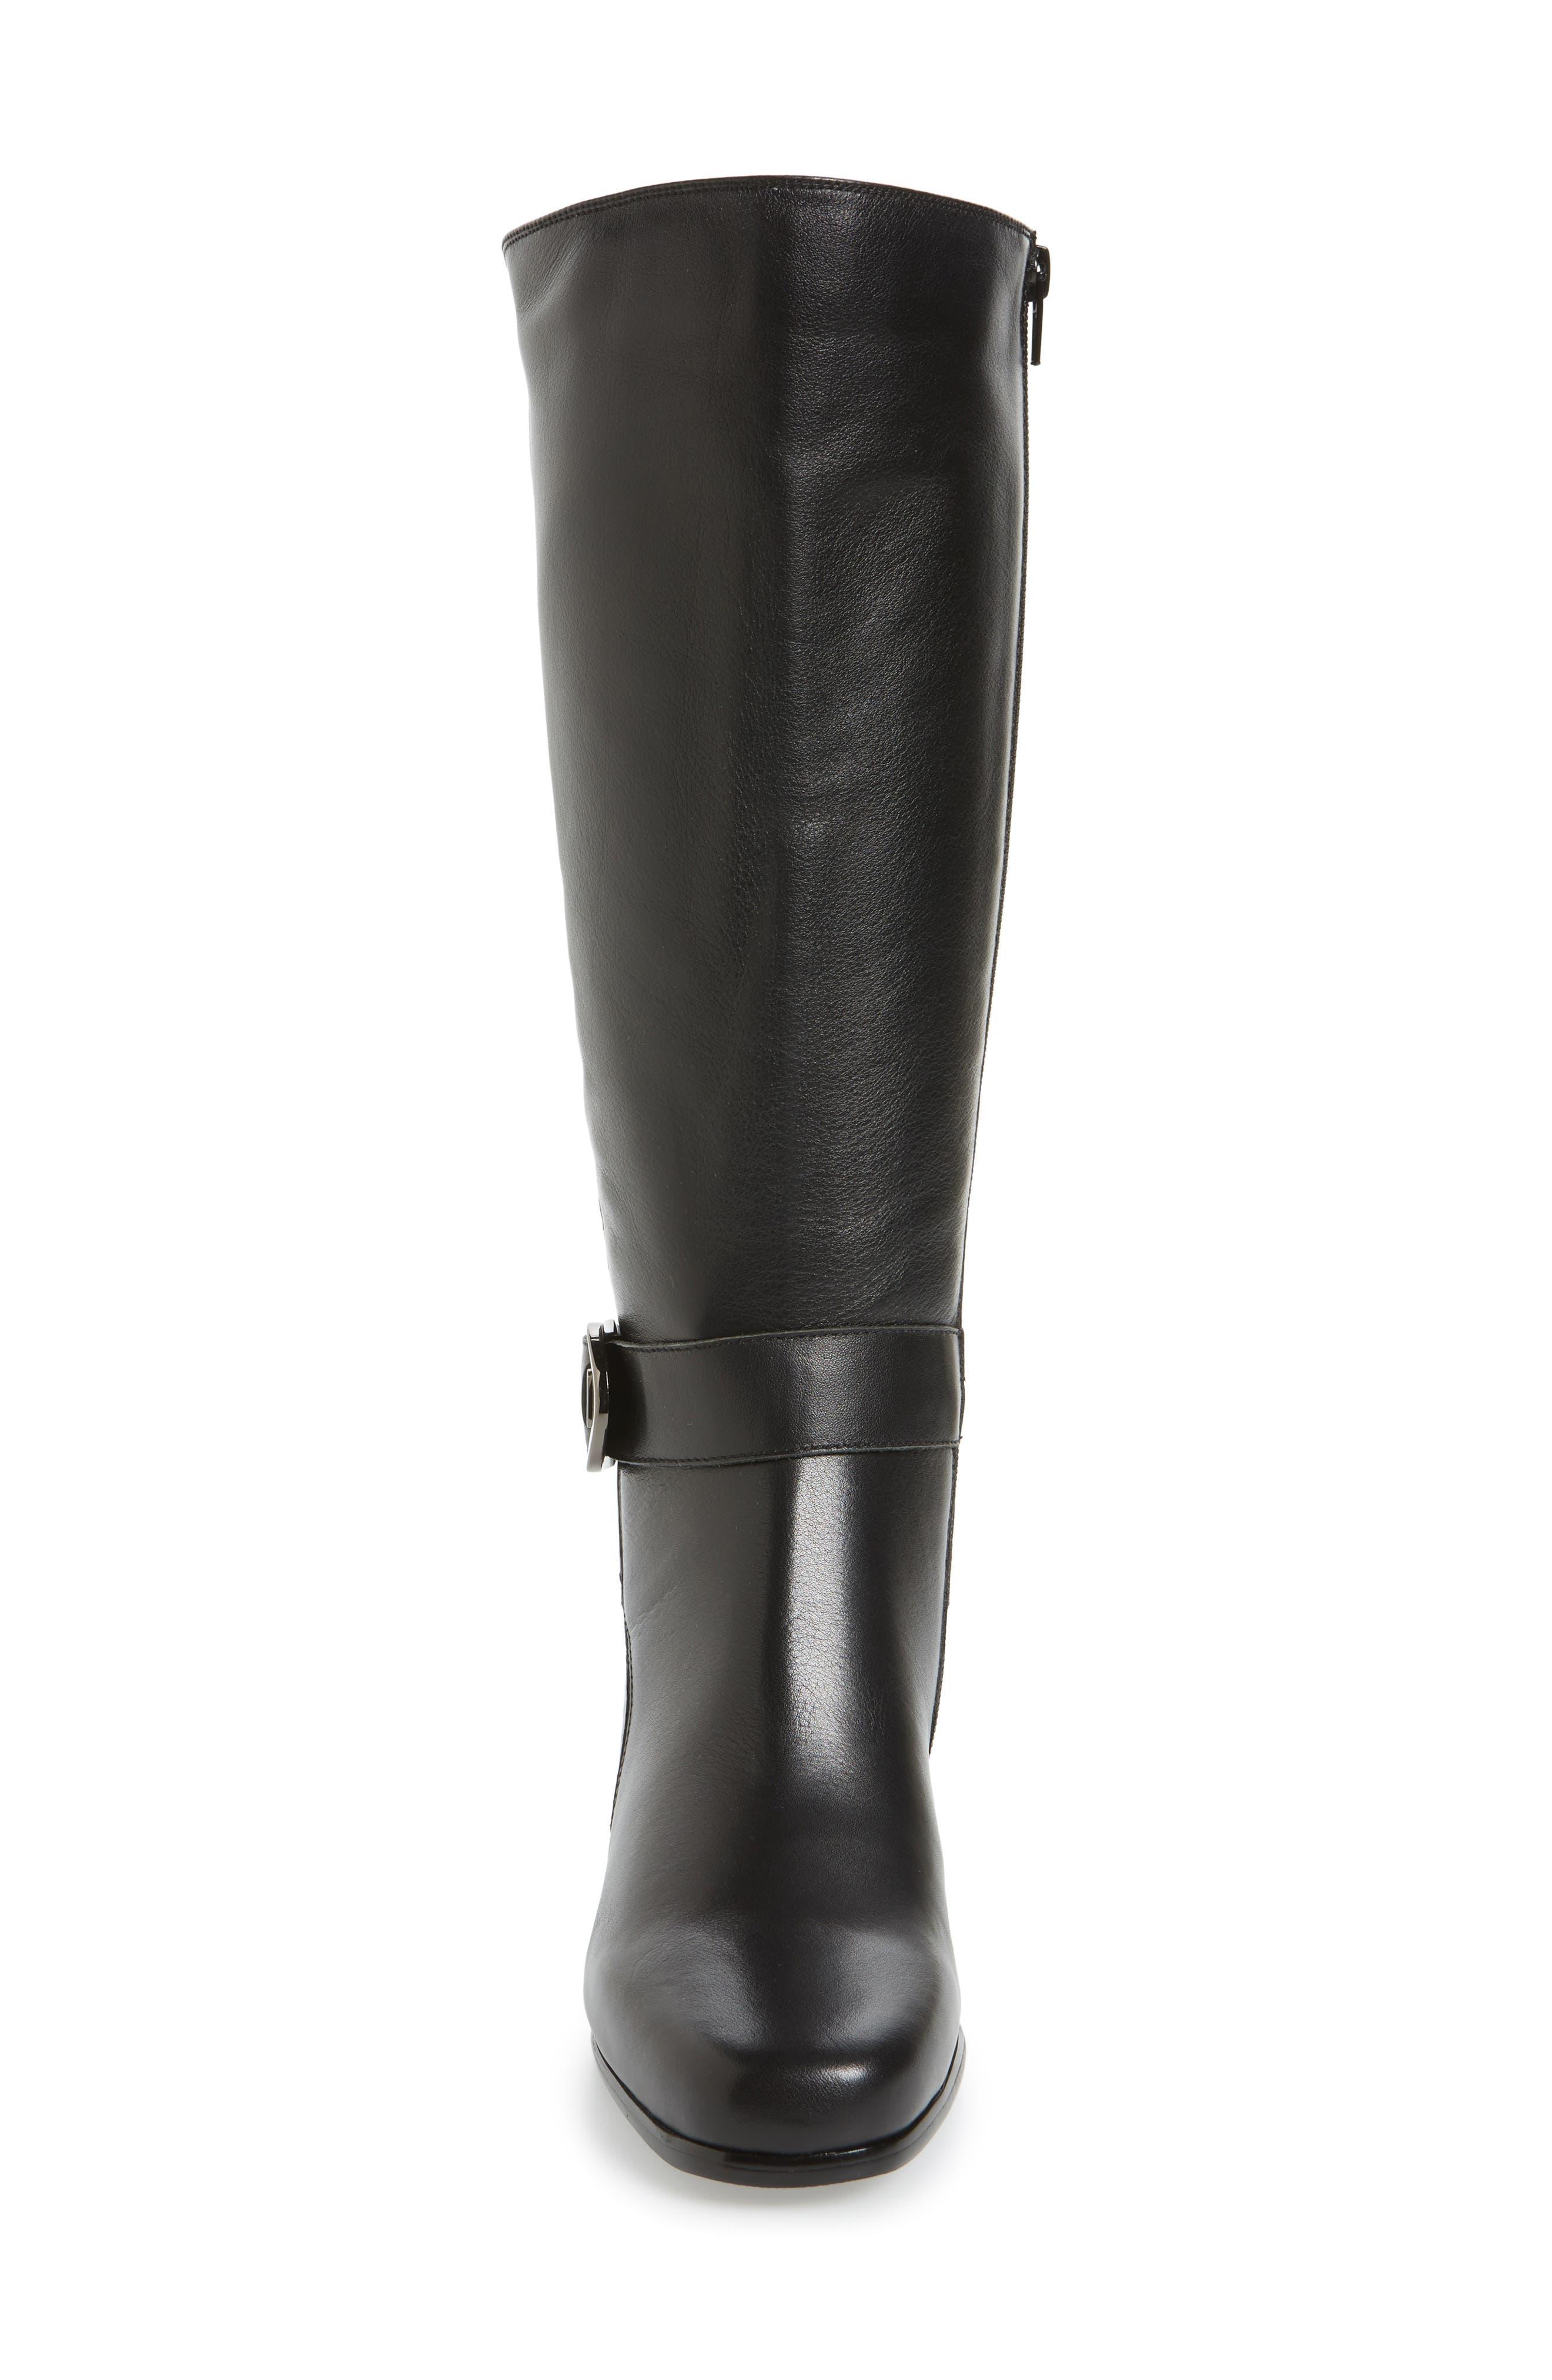 Bonita 18 Boot,                             Alternate thumbnail 4, color,                             Black Leather Fabric